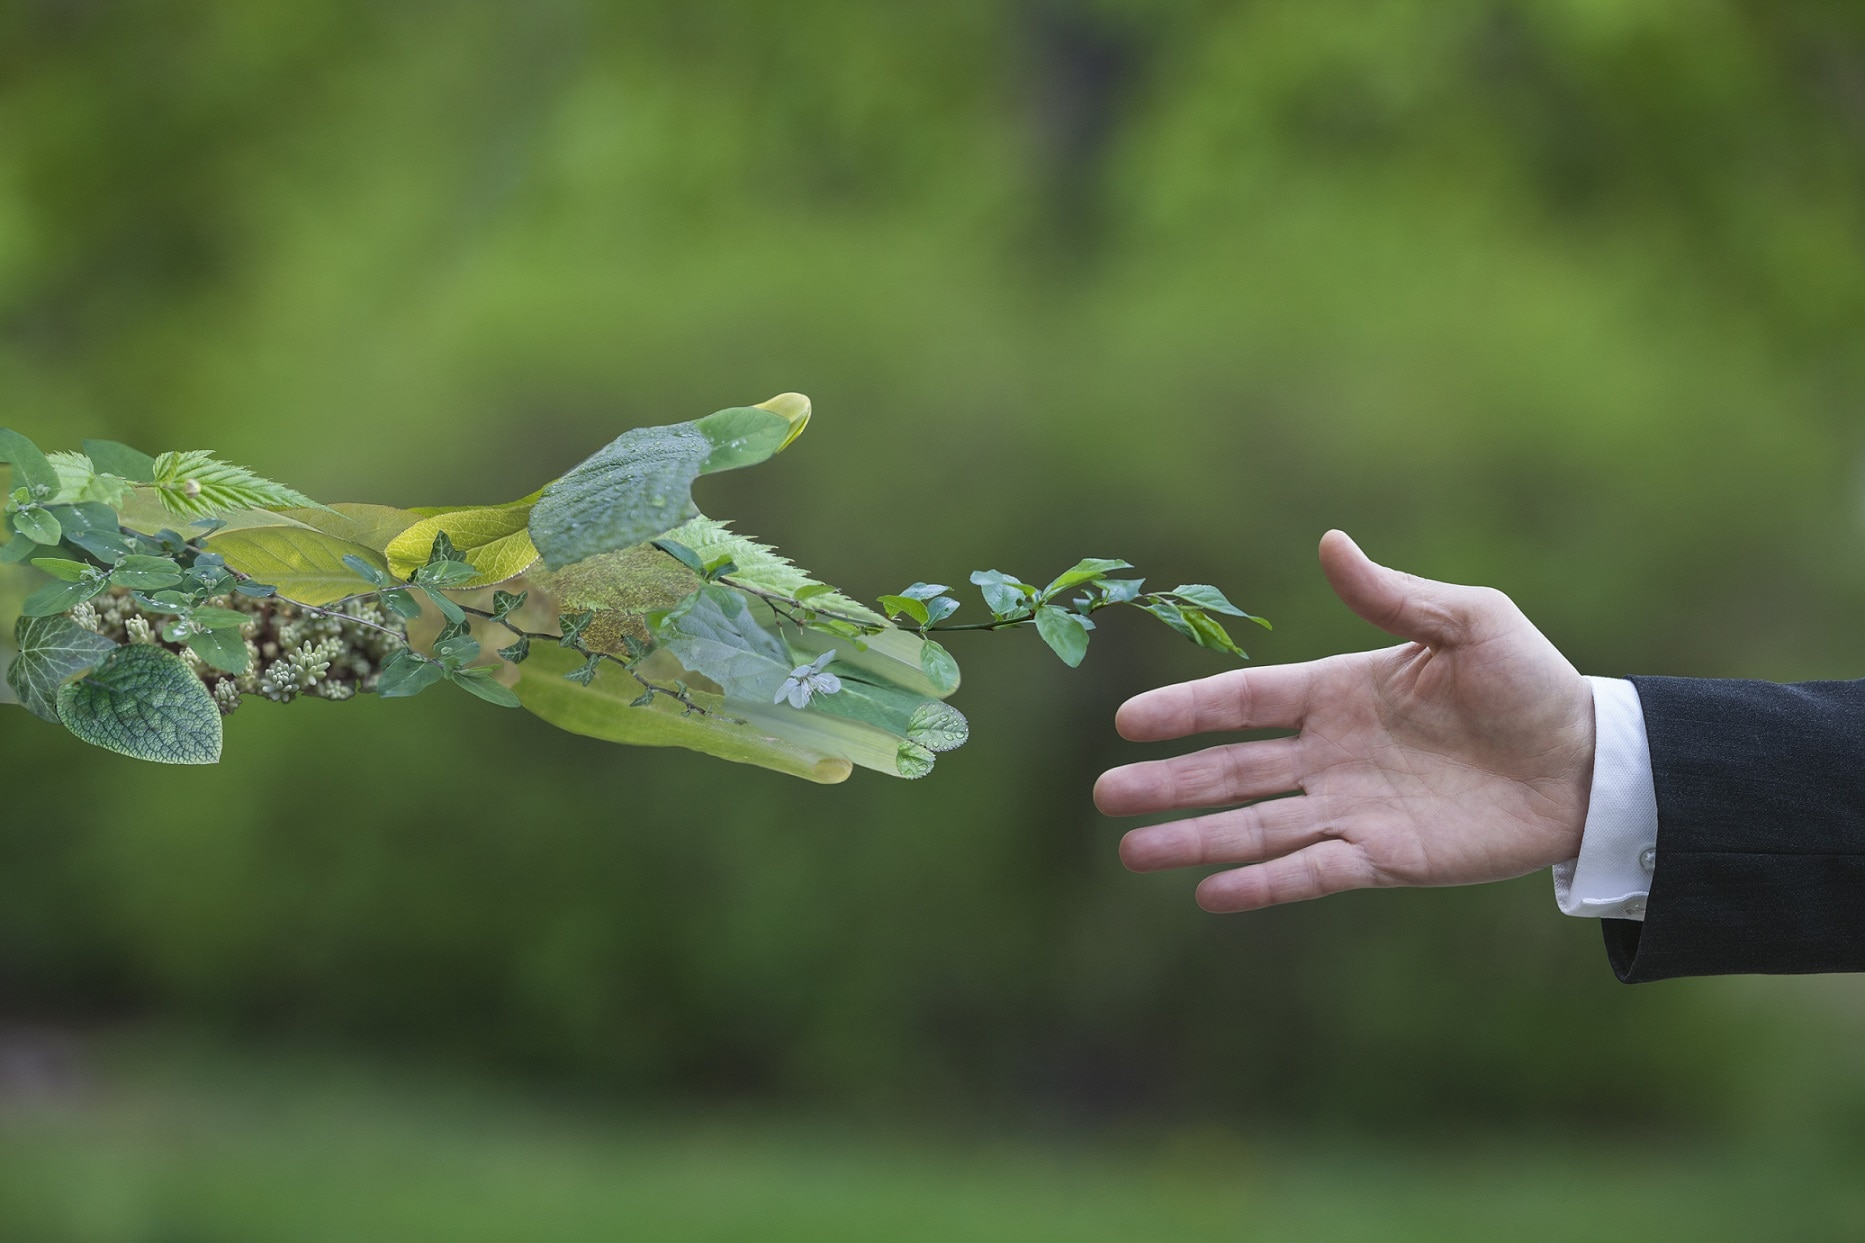 inversiones verdes clientes mayoristas ESG